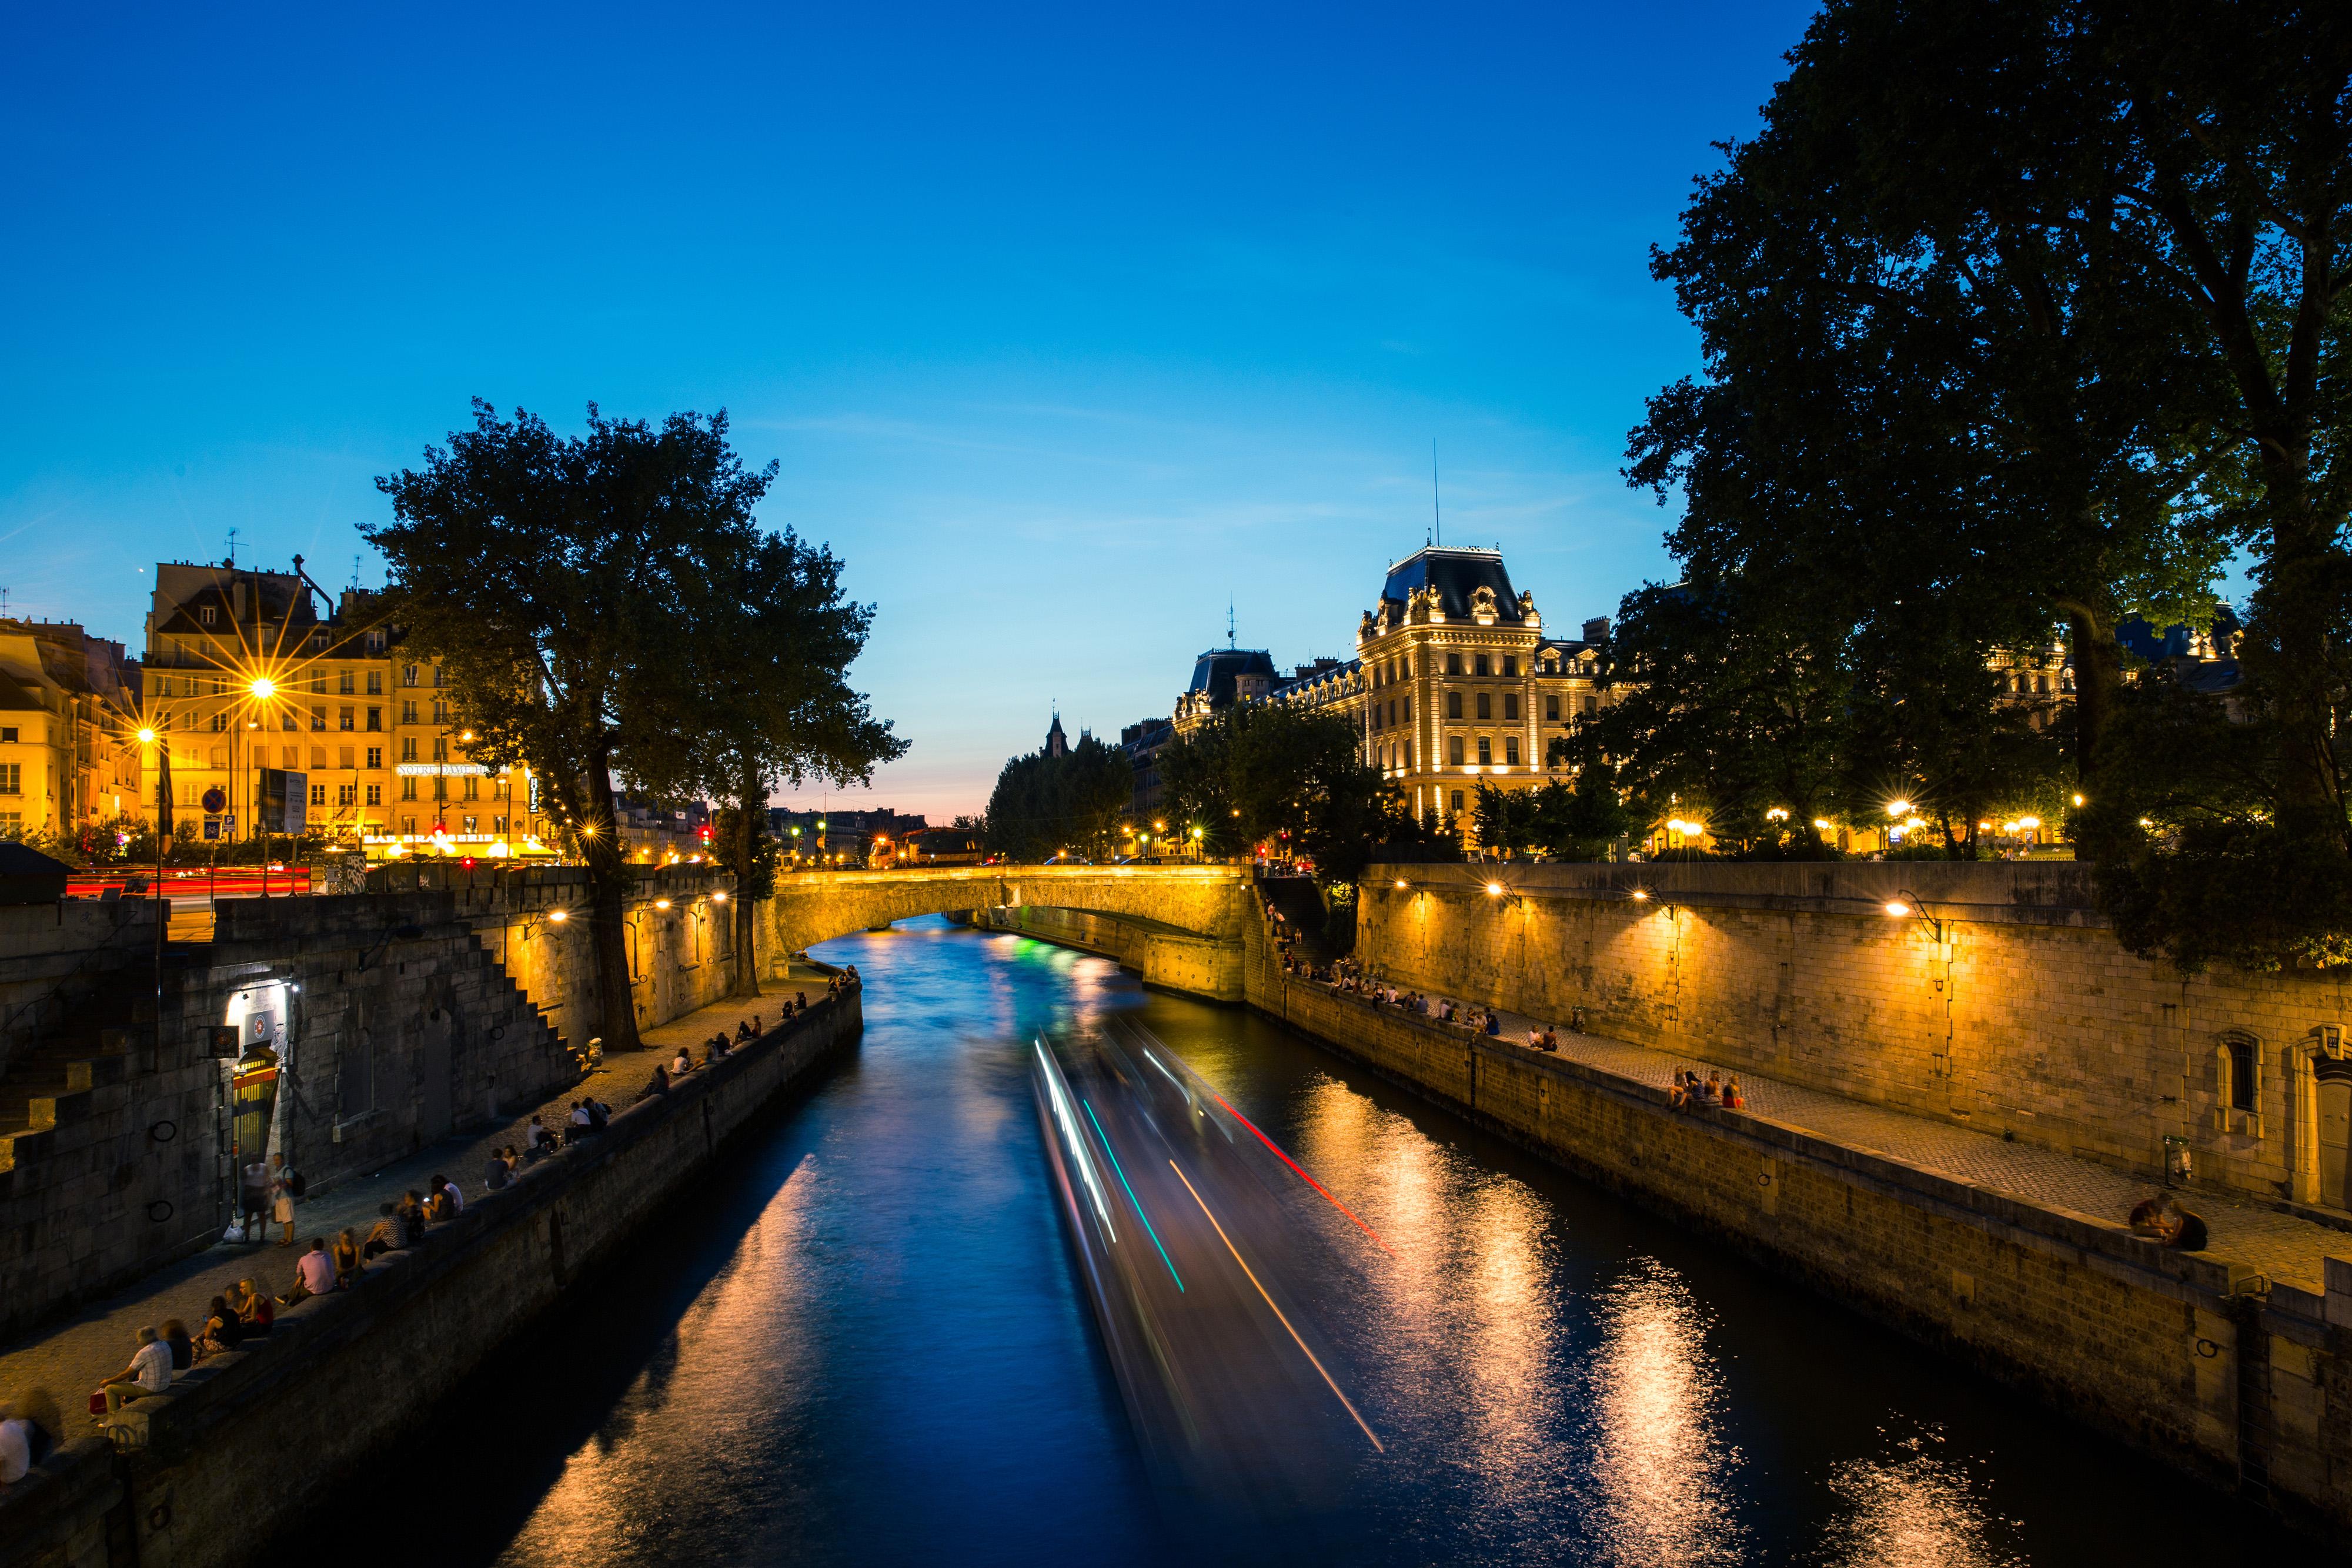 многие река сена ночью фото всех небанальными